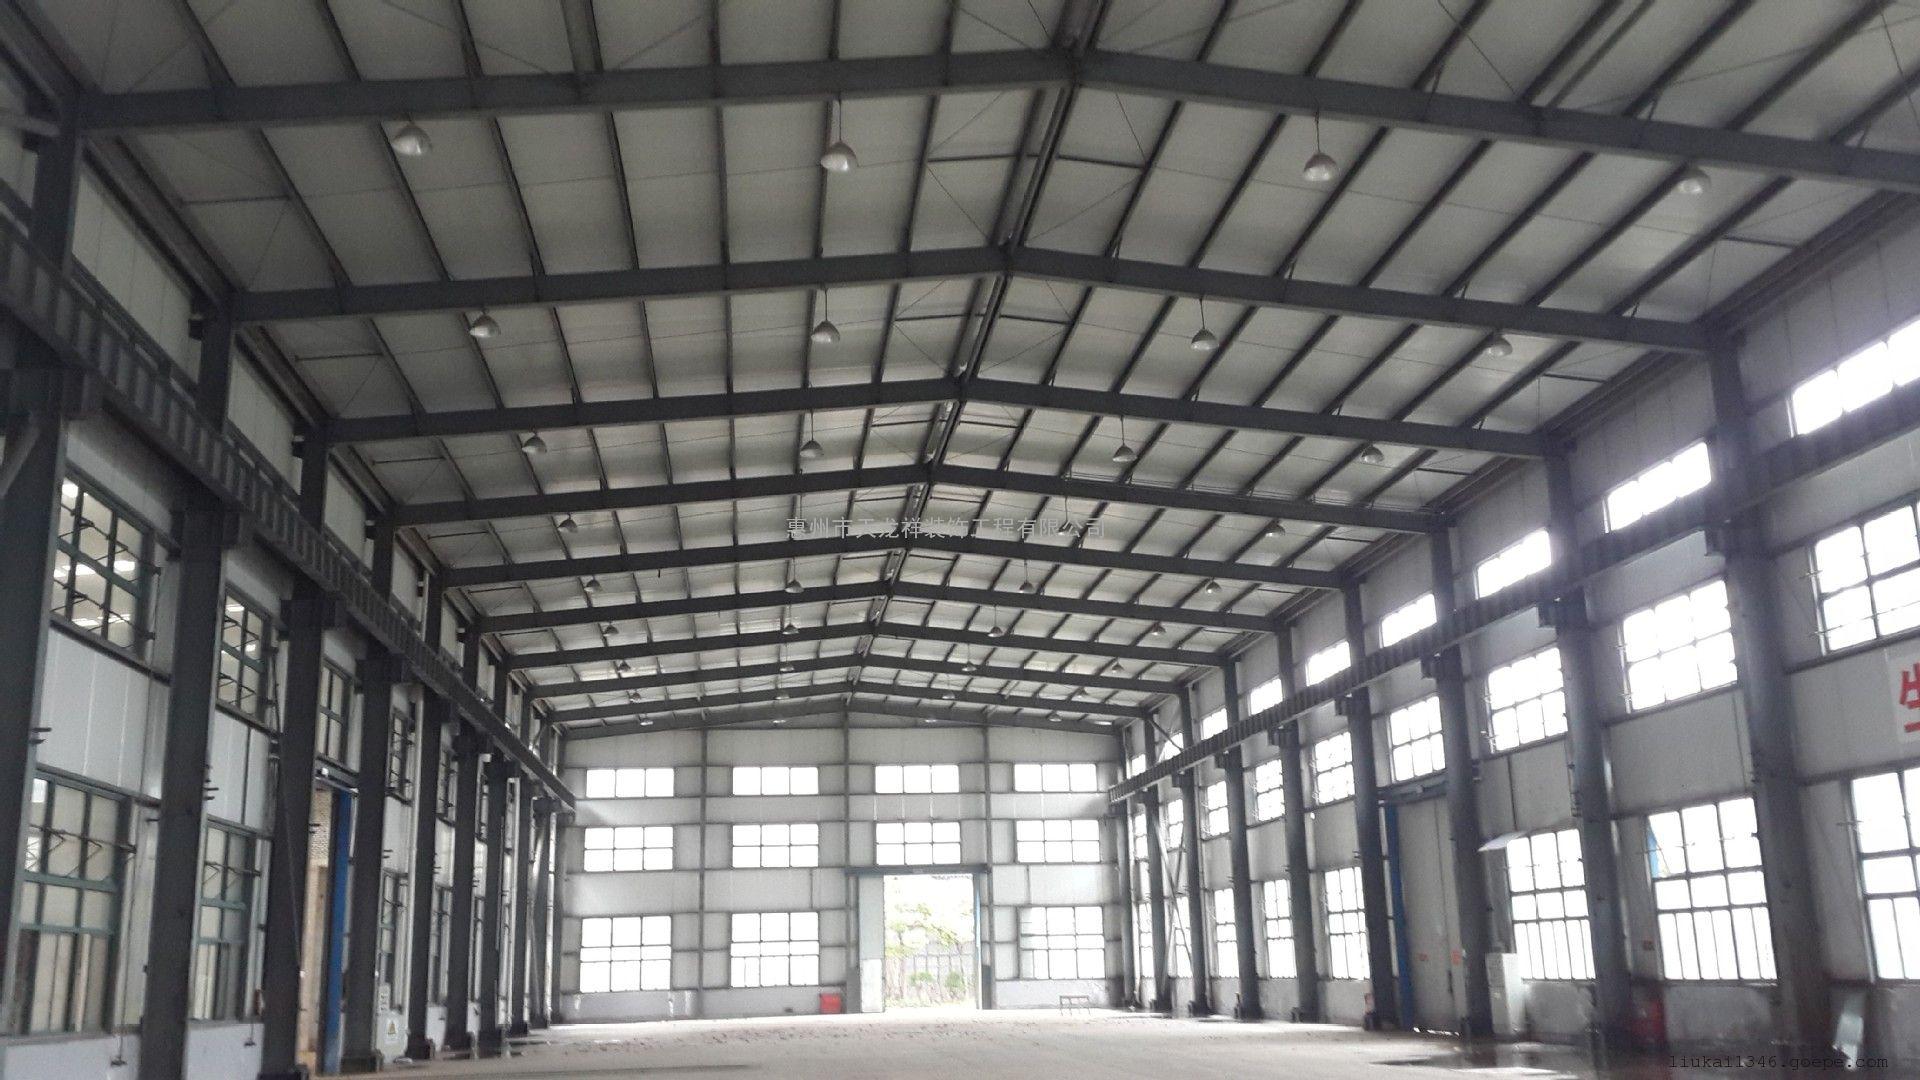 """深圳钢结构厂房供应钢架结构加工 钢梁钢柱加工 钢结构仓库惠州市天龙祥装饰工程有限公司始建于1999年,本公司凭着""""以客为尊,以信求生,以人为本,以会求精""""的态度,在公司全体员工的不懈努力下,惠州市天龙祥装饰工程有限公司营业额以每年30%增长,本公司已发展成为一家多功能、全方位的建筑材料公司!公司总部坐落在中国最发达的特区——深圳,有着便捷的交通网络,得天独厚的地理环境。一分厂位于深圳市南山区,二分厂位于惠州惠阳区;在国内有湖北武汉分公司和陕西西安分公司,工程"""